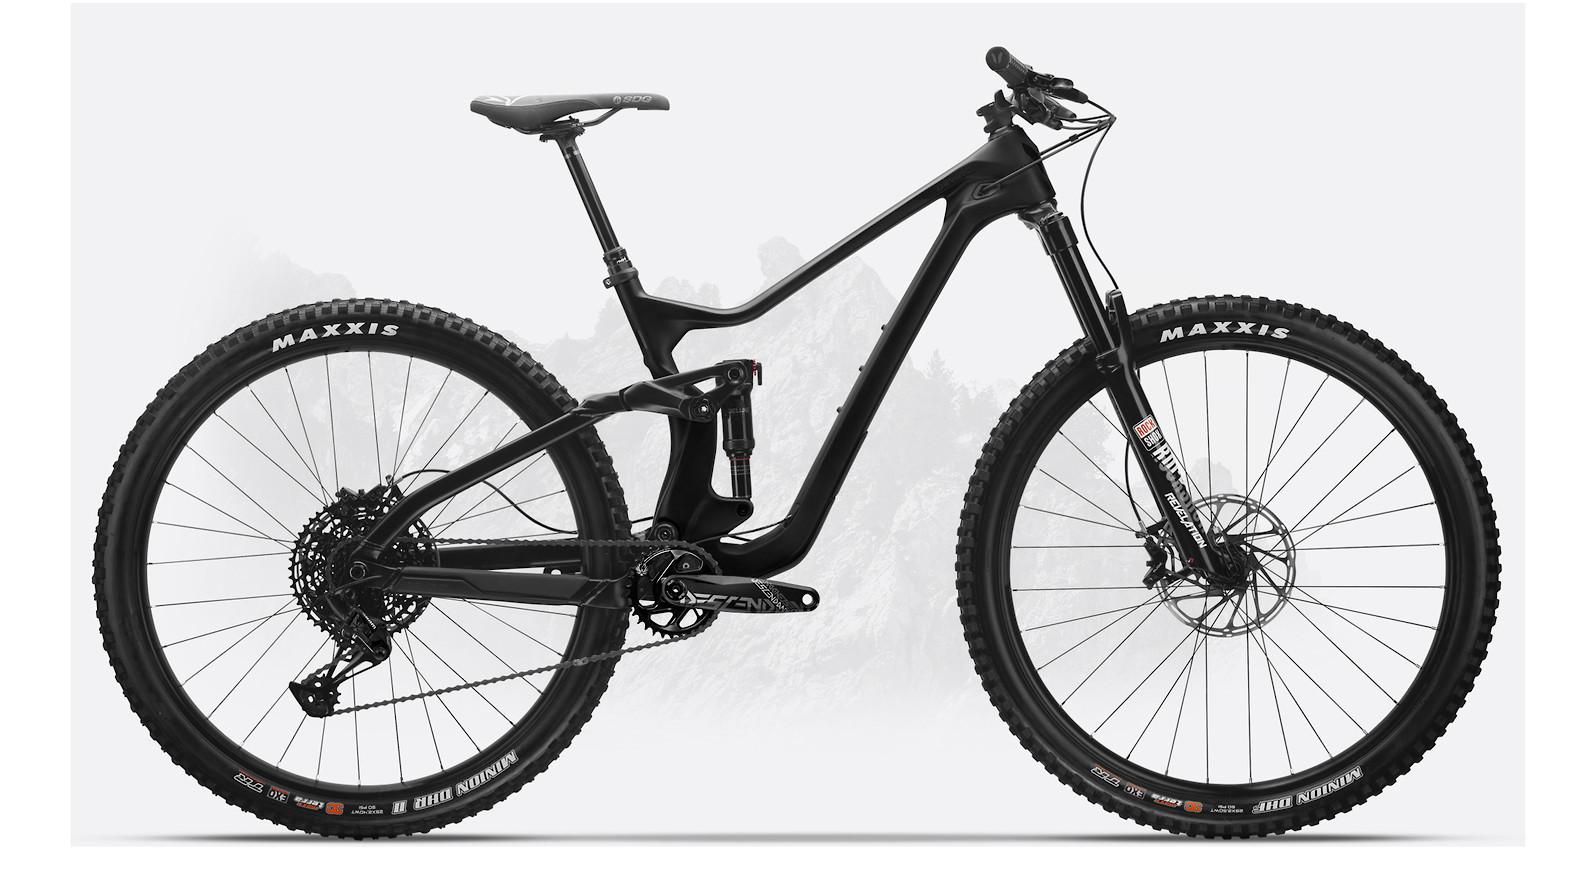 2020 Devinci Troy Carbon/Alu 29 NX/GX